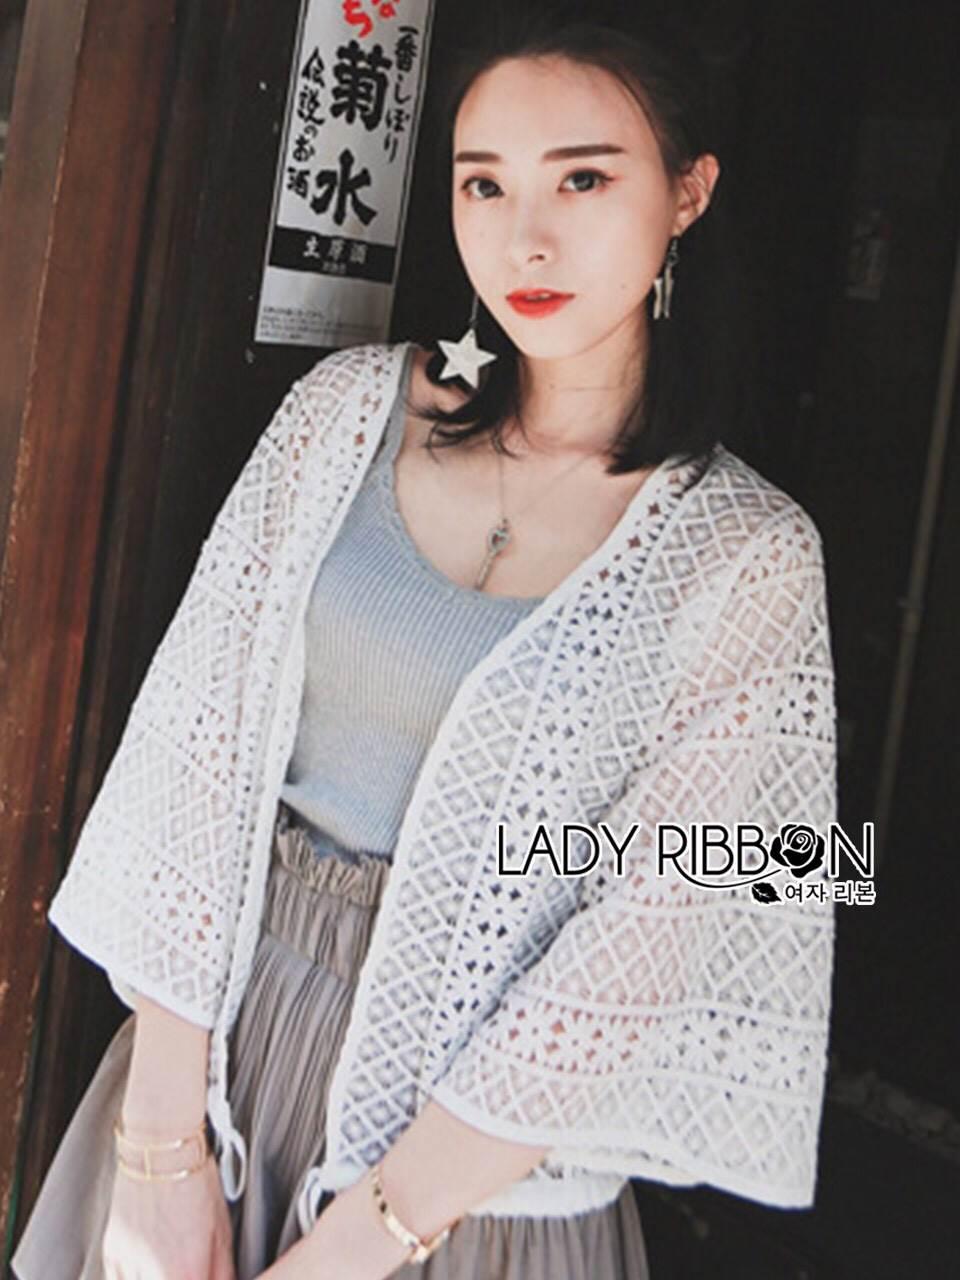 เสื้อผ้าเกาหลี พร้อมส่งเสื้อคลุมทูนิกผ้าลูกไม้สไตล์ลำลอง